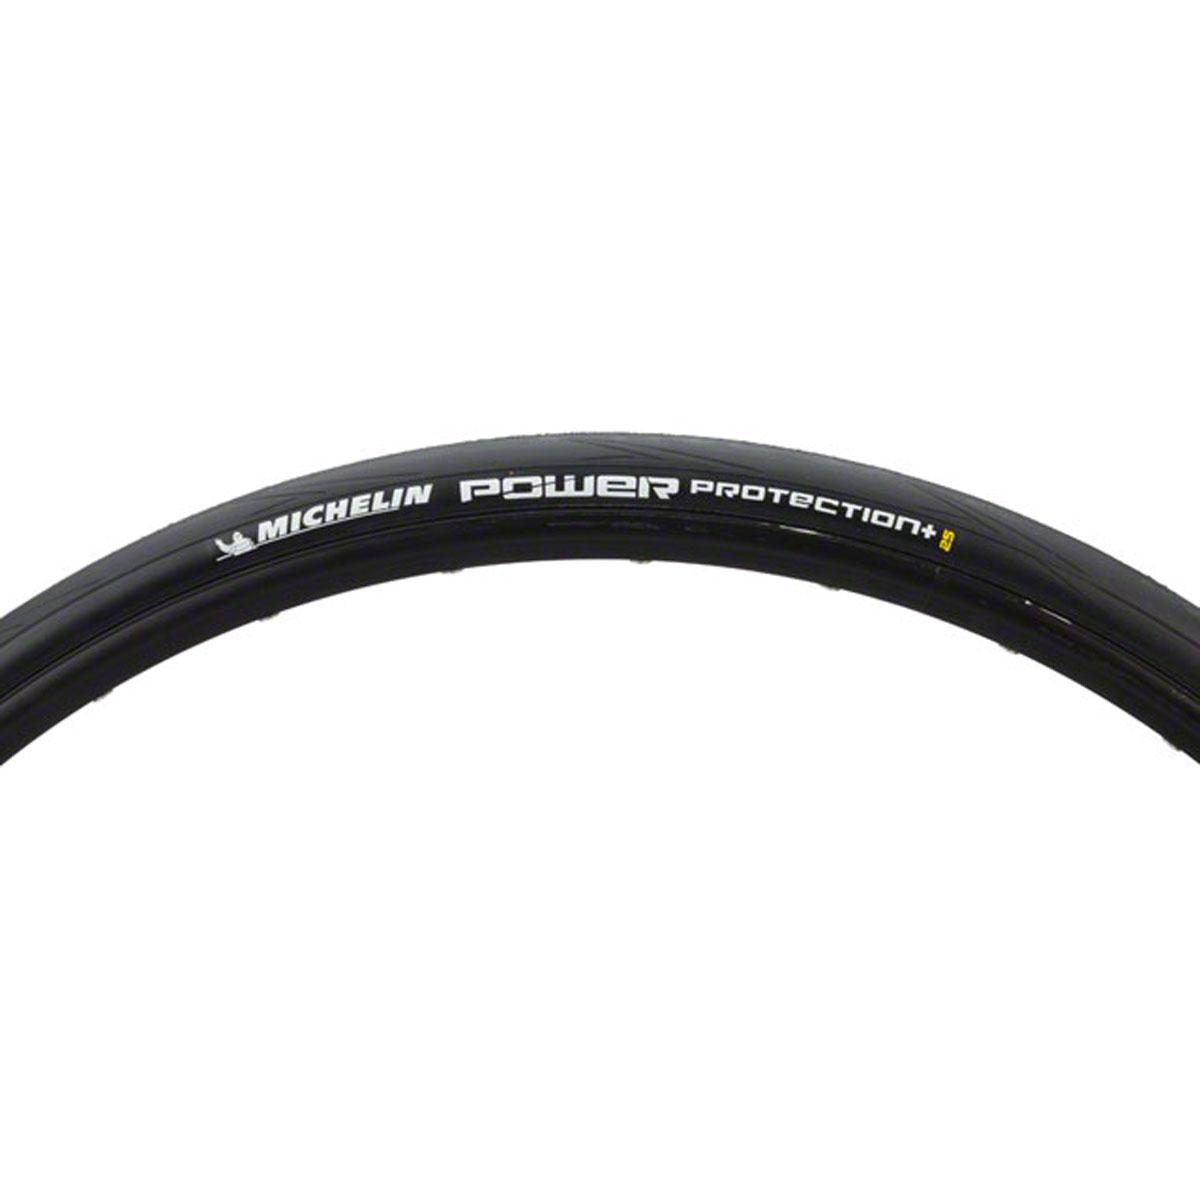 Michelin Power All Season Road Bike Tire 700c x 25mm Folding